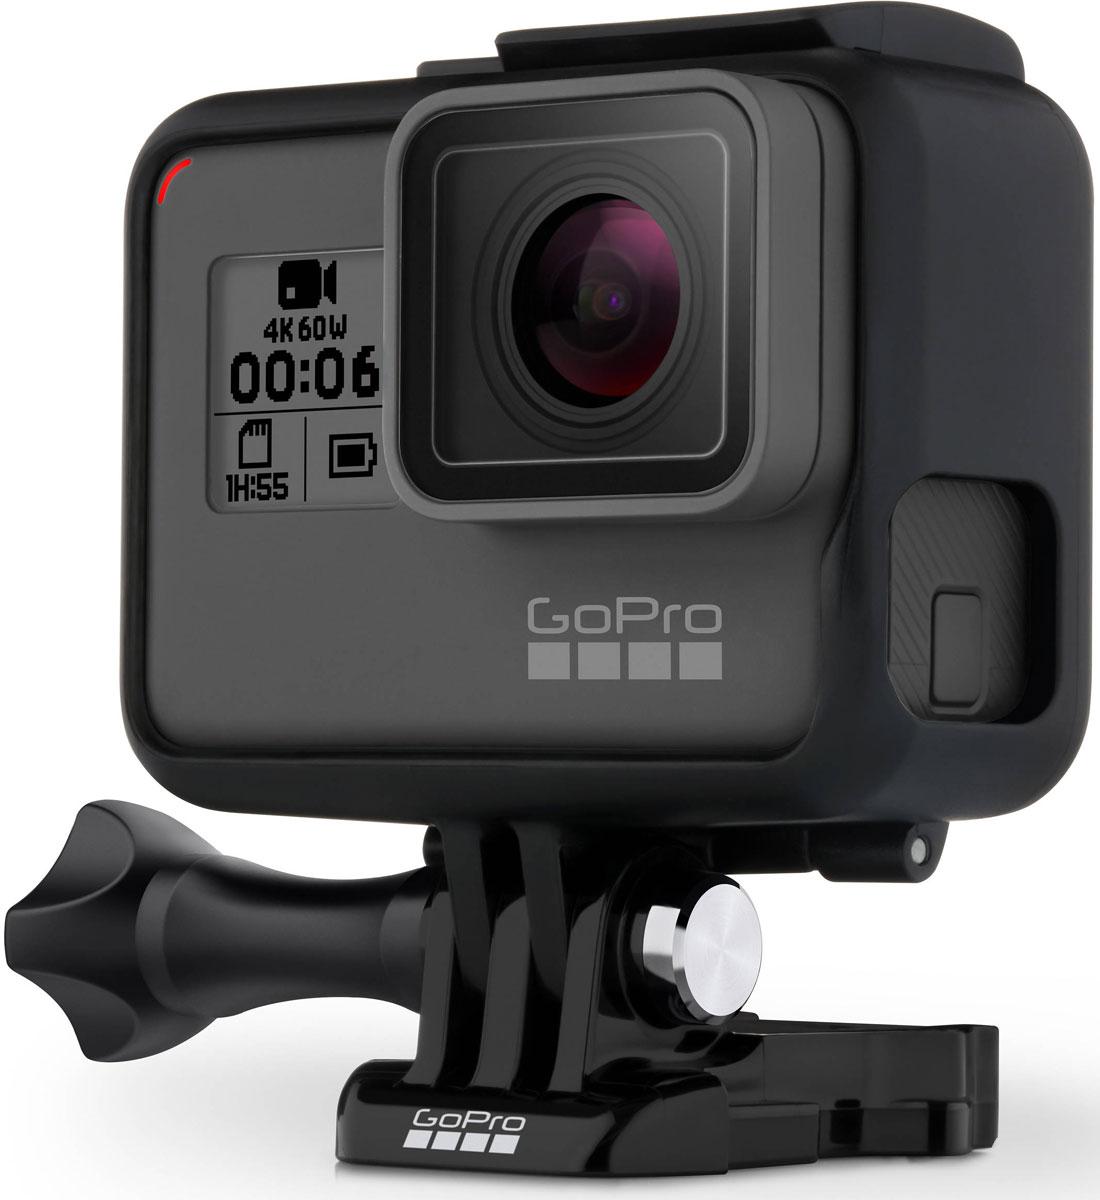 GoPro Hero6 Black Editionэкшн-камера(CHDHX-601)CHDHX-601Экшн-камера GoPro Hero6 Black Edition создана, чтобы снимать все, что вам кажется важным, и наслаждаться процессом. Мгновенно переносить данные на телефон, автоматически создавать видеоролик с Quikstories и наслаждаться результатом.Камера GoPro Hero6 имеет улучшенный процессор GP1, усовершенствованную стабилизацию изображения, возможность снимать видео в формате 4K с частотой кадров 60, фото в формате HDR, сенсорное масштабирование (зум).C процессором GP1 и стабилизацией нового поколения снимки на GoPro Hero6 станут более четкими, а видео ровным и плавным. Снимайте с рук, крепите камеру на монопод, фиксируйте в любых креплениях GoPro – кинематографическое качество вашего материала превзойдет даже самые смелые ожидания. Видео формата 4K возможно снимать с частотой 60 кадров в секунду. Это значит, вы сможете замедлить в 2 раза ролик сверхвысокой четкости и получить видео с одним из самых зрелищных эффектов –slowmotion (замедленная съемка).Снимайте фотографии в формате HDR, это откроет возможности проработки в мельчайших деталях света и теней снимков в программах-редакторах. Благодаря HDR при съемке на GoPro вы получите совершенно новые, сказочные цвета, приближенные к тому, что в действительности видит человеческий глаз.Сенсорное масштабирование (зум) на GoPro Hero6 изменит фокусное расстояние объекта, приблизит изображение и привнесет динамику в кадр. Голосовое управление на русском языке позволит управлять камерой дистанционно, когда устройство не находится в ваших руках. Начинайте и останавливайте съемку, меняйте режимы – и все это голосом.Экшн-камера имеет всего одну кнопку, настройки и установки просты и интуитивно понятны, меню GoPro Hero6 Black Edition на русском языке – управлять такой камерой с легкостью сможет даже ребенок!Емкость аккумулятора: 1220 мАч